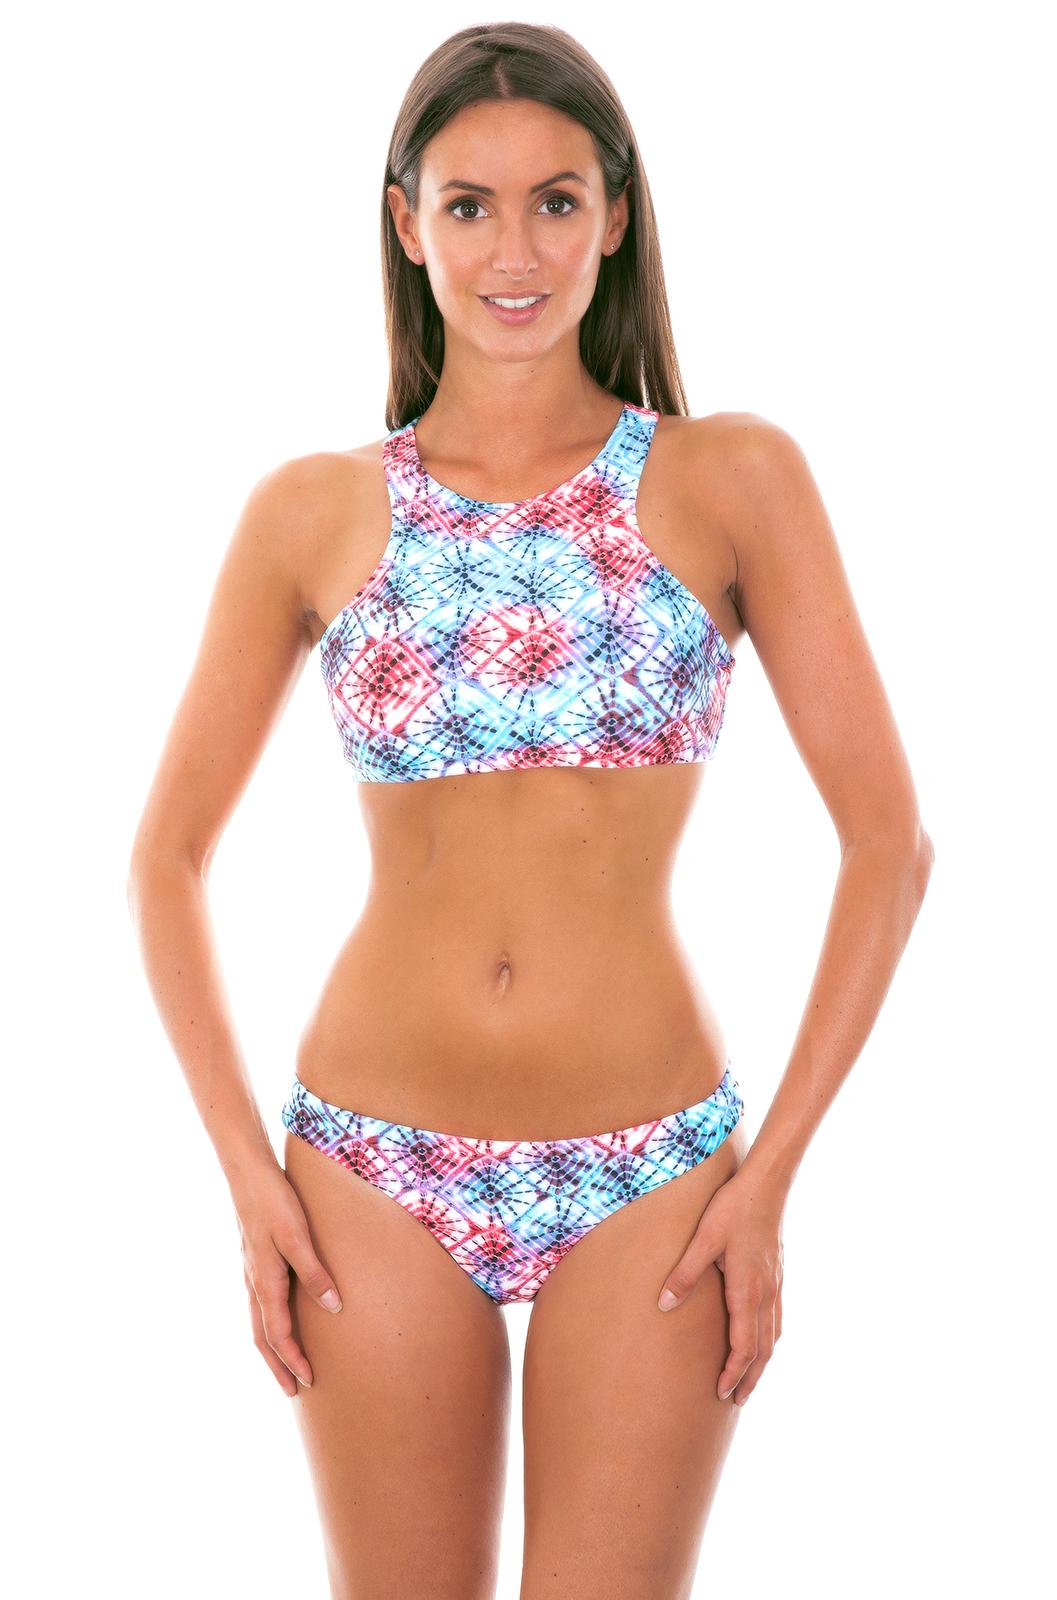 121f53521cd762 ... Tie dye pink blue swimmer back crop top bikini - TIEJEAN SPORTY ...